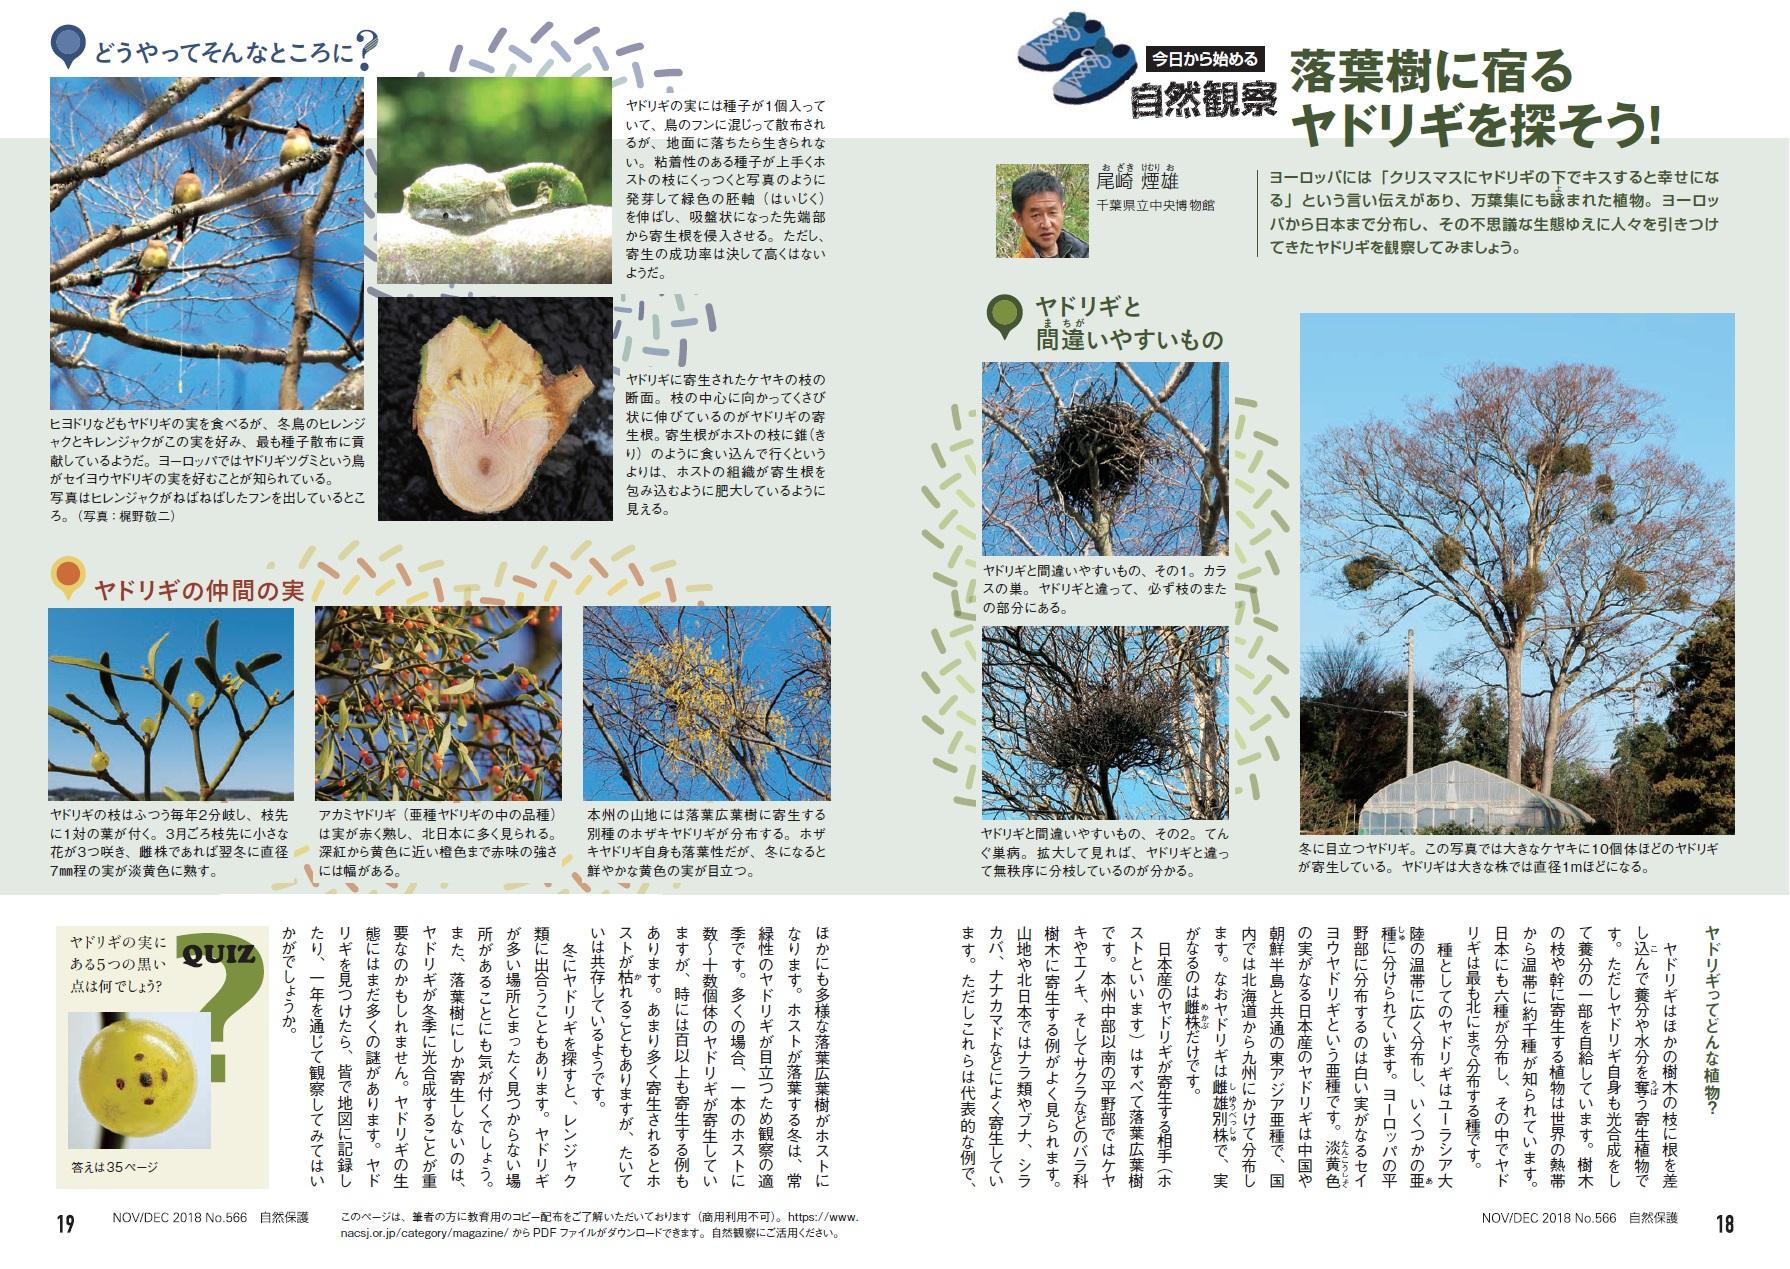 自然保護No566今日から始める自然観察ページ画像大